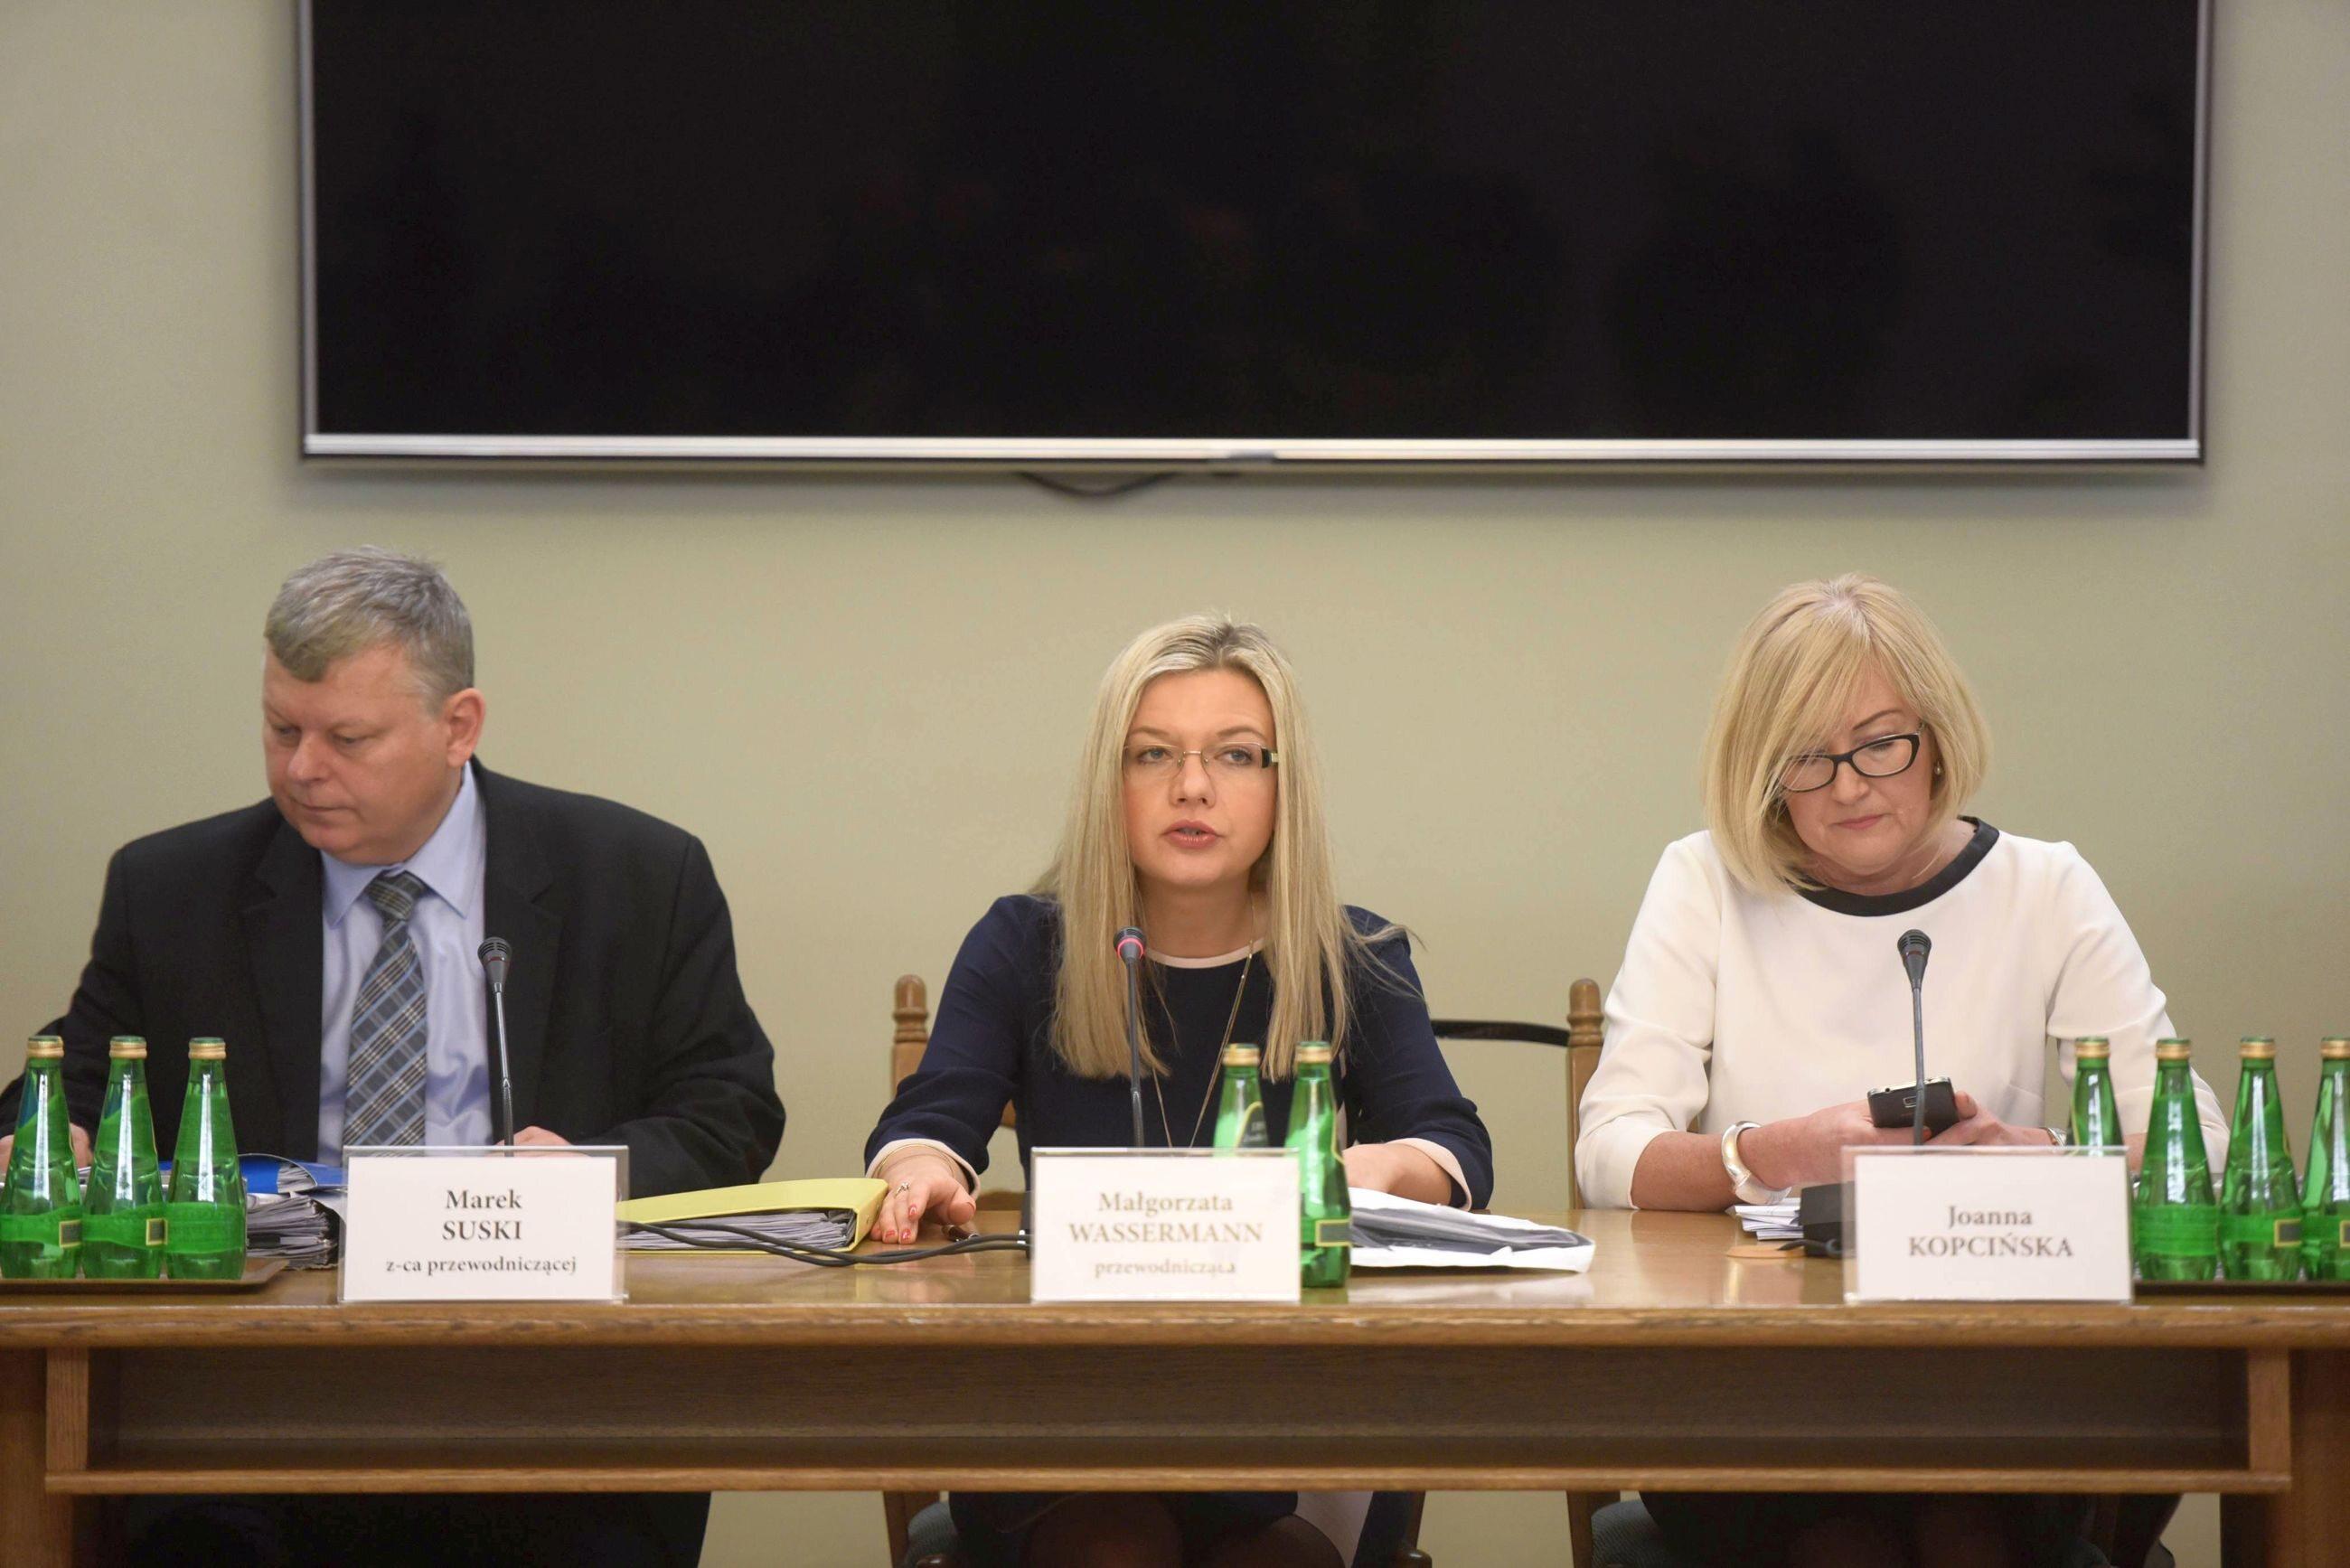 Członkowie komisji ds. Amber Gold. Od lewej: Marek Suski (z-ca przewodniczącego), Małgorzata Wassermann (przewodnicząca) i Joanna Kopcińska